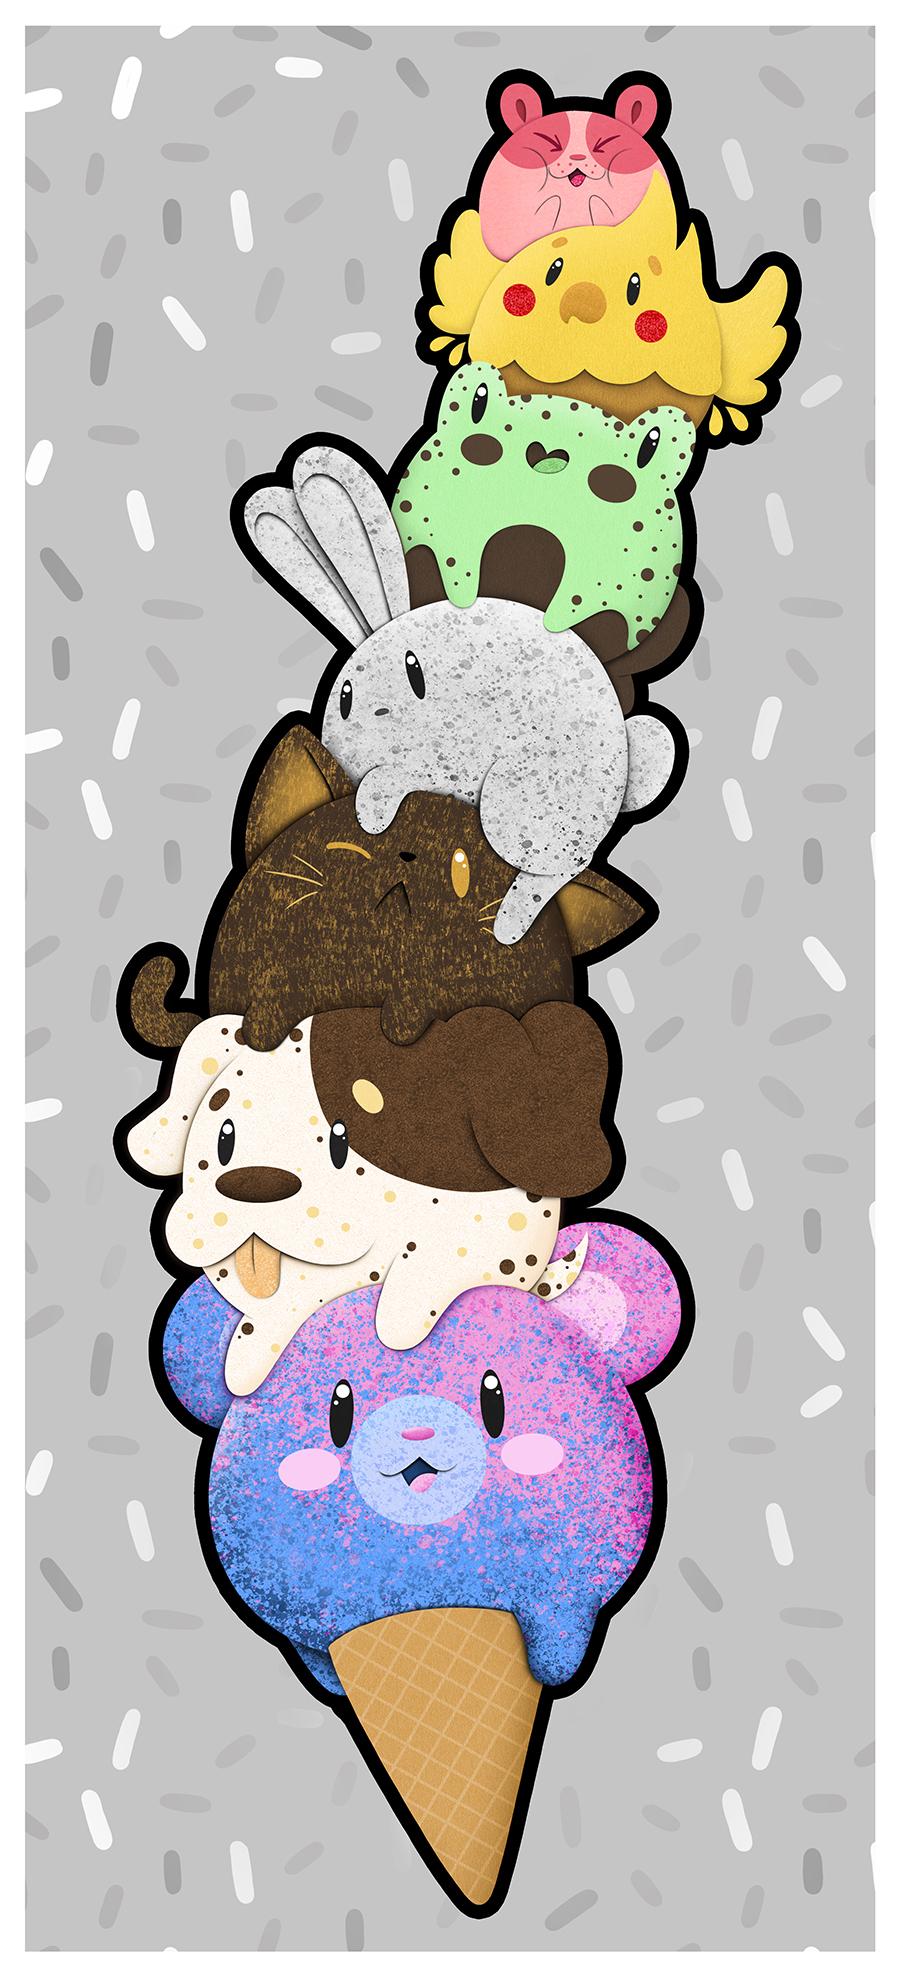 ice cream scoops.jpg